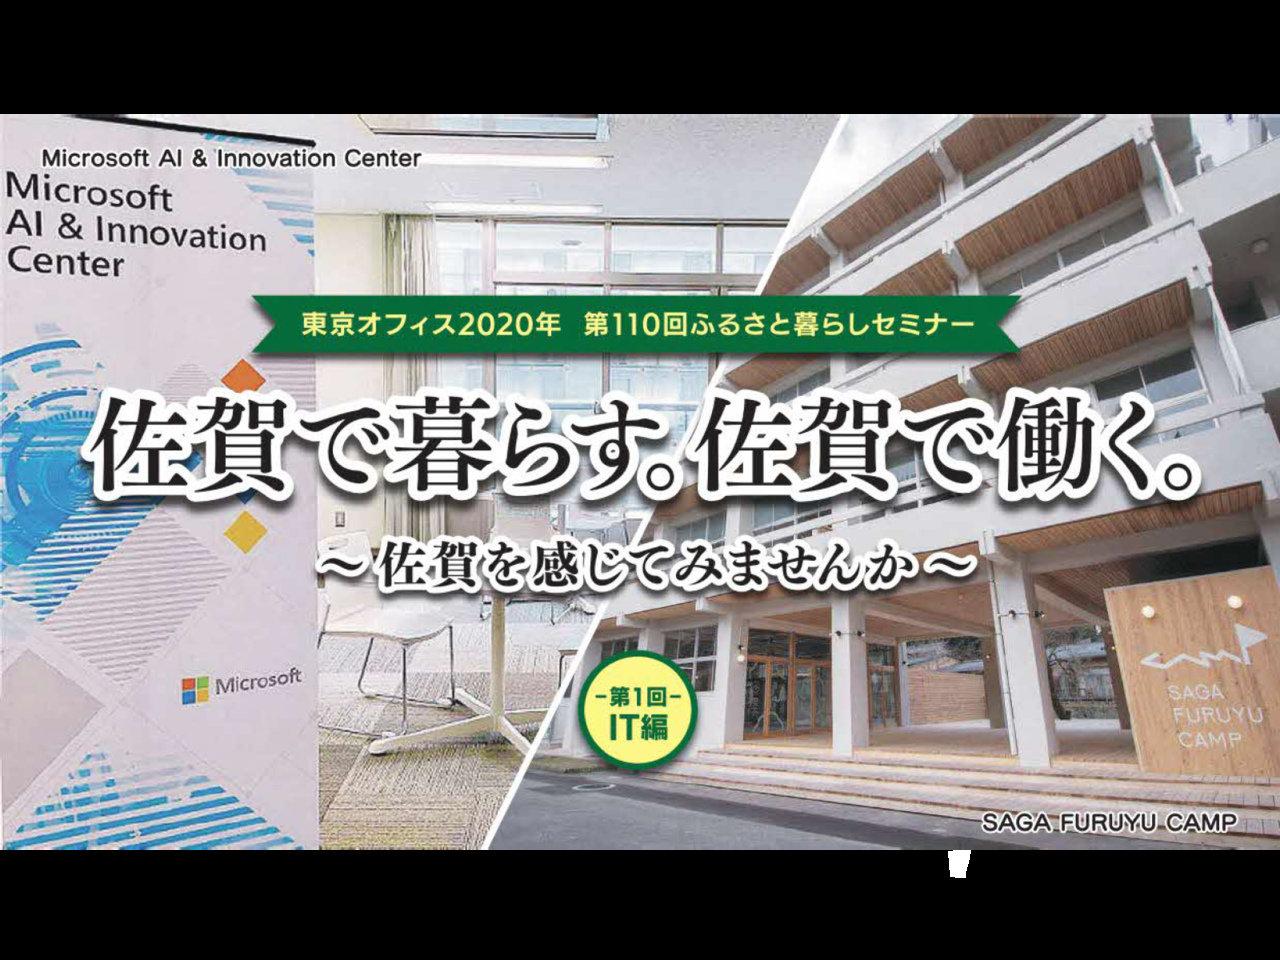 佐賀で暮らす。佐賀で働く。~佐賀を感じてみませんか~(第1回IT編)オンライン&リアル同時開催。